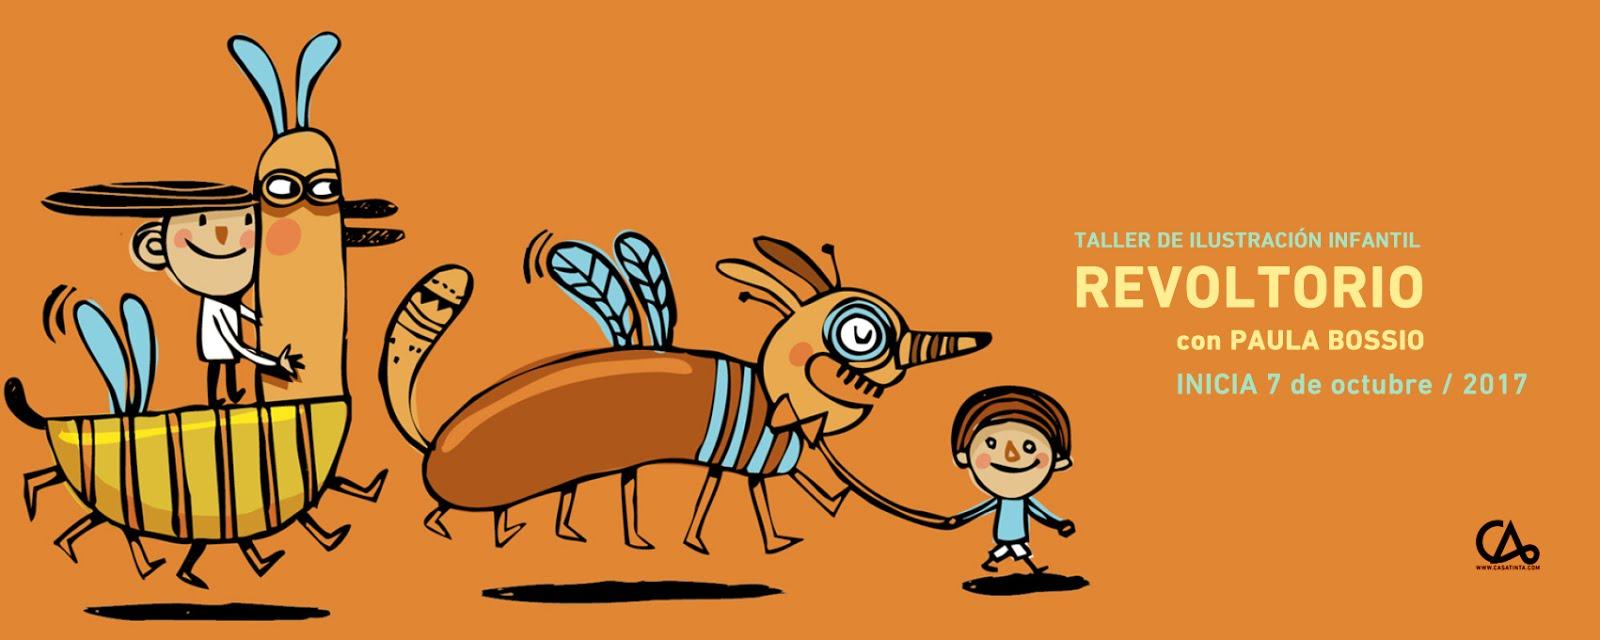 REVOLTORIO: ilustración infantil